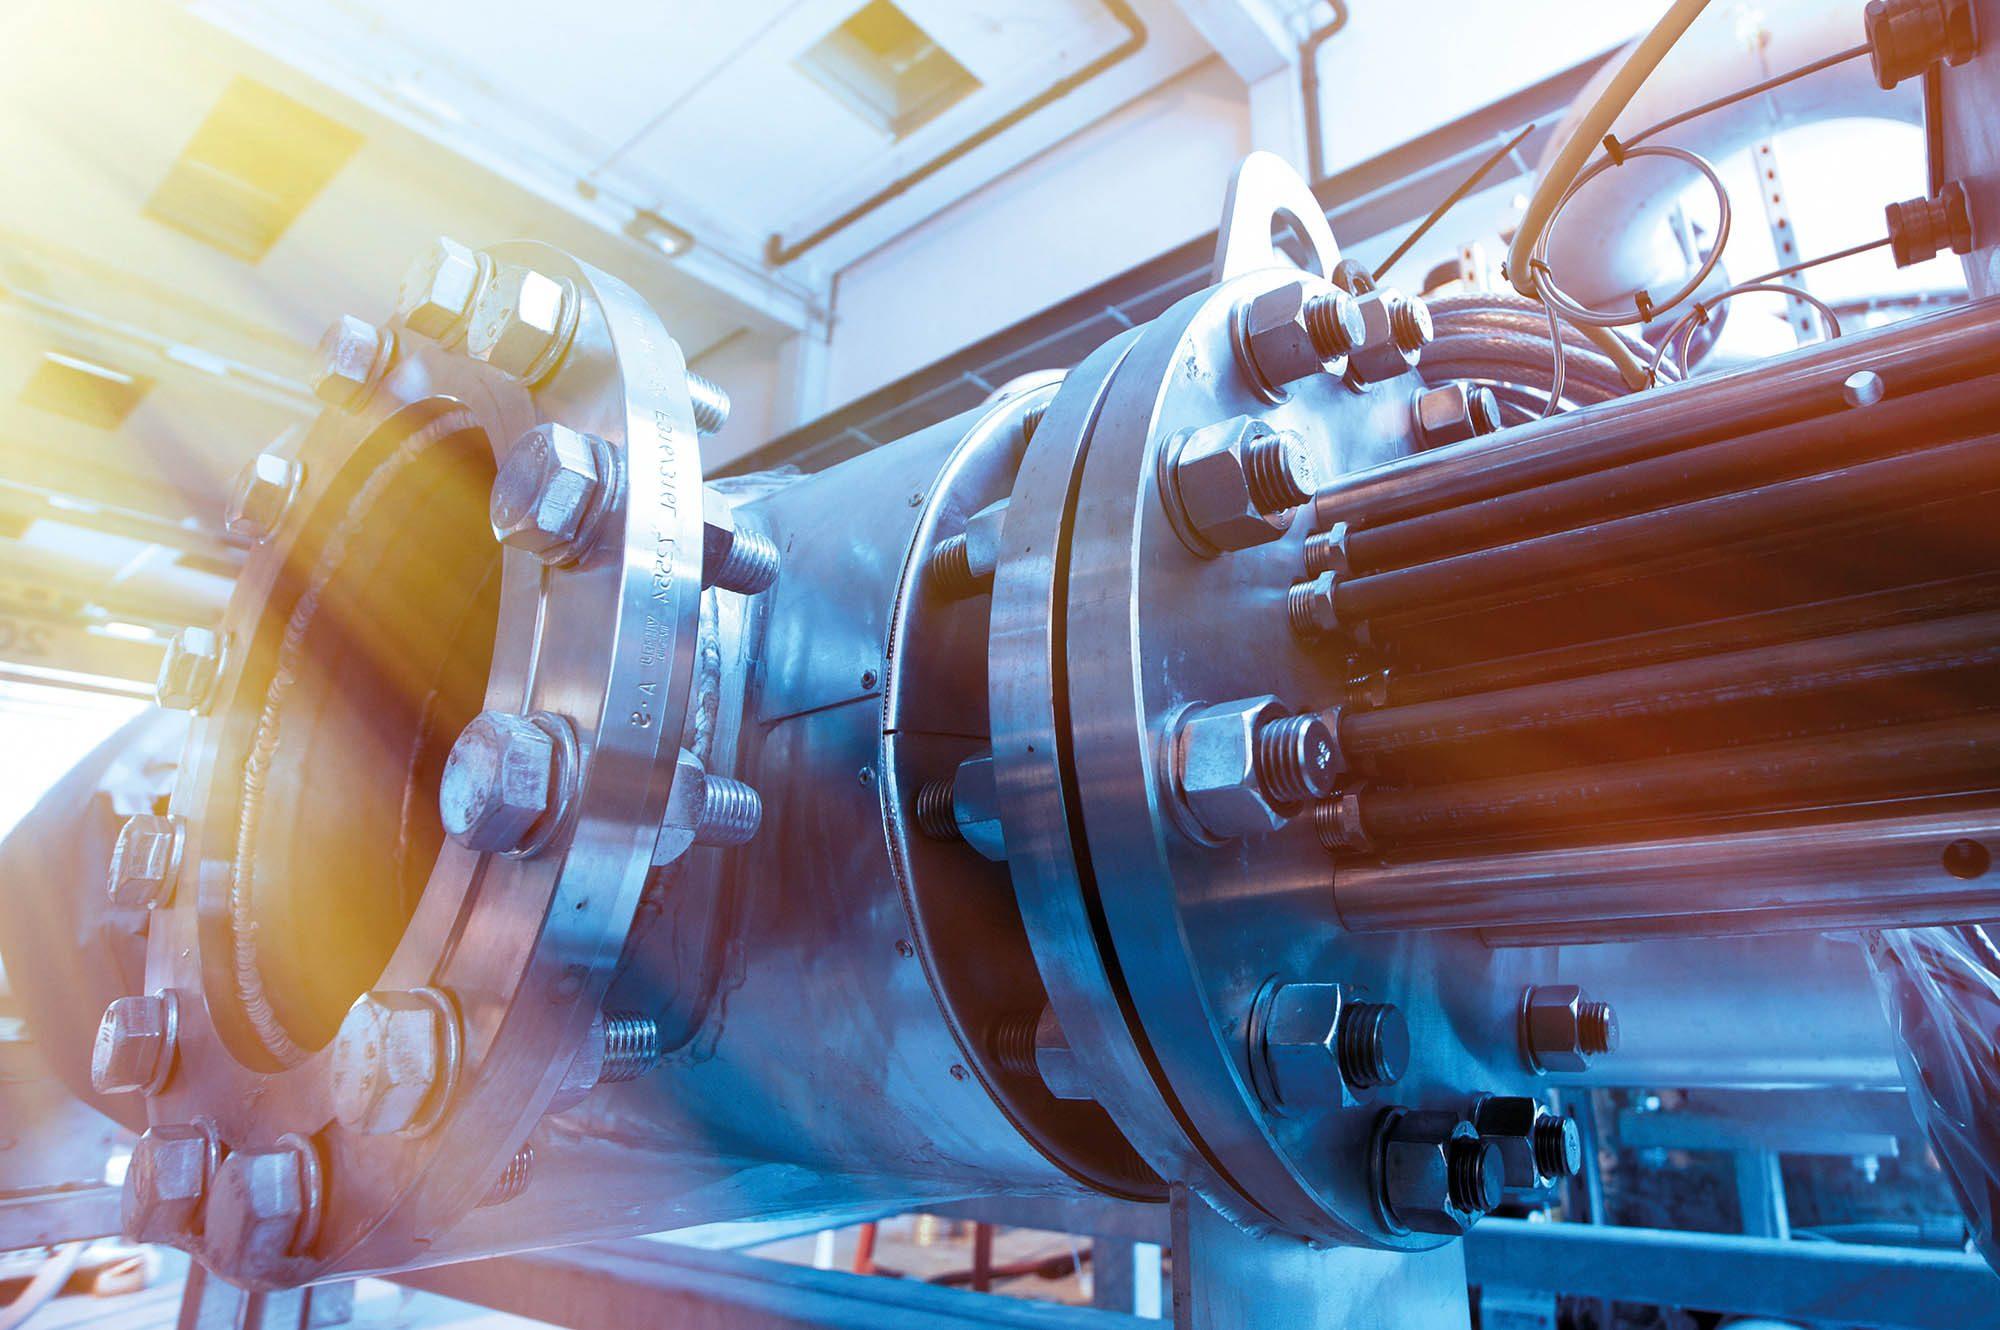 Hero image - VIRO Vacature Machinebouw 5